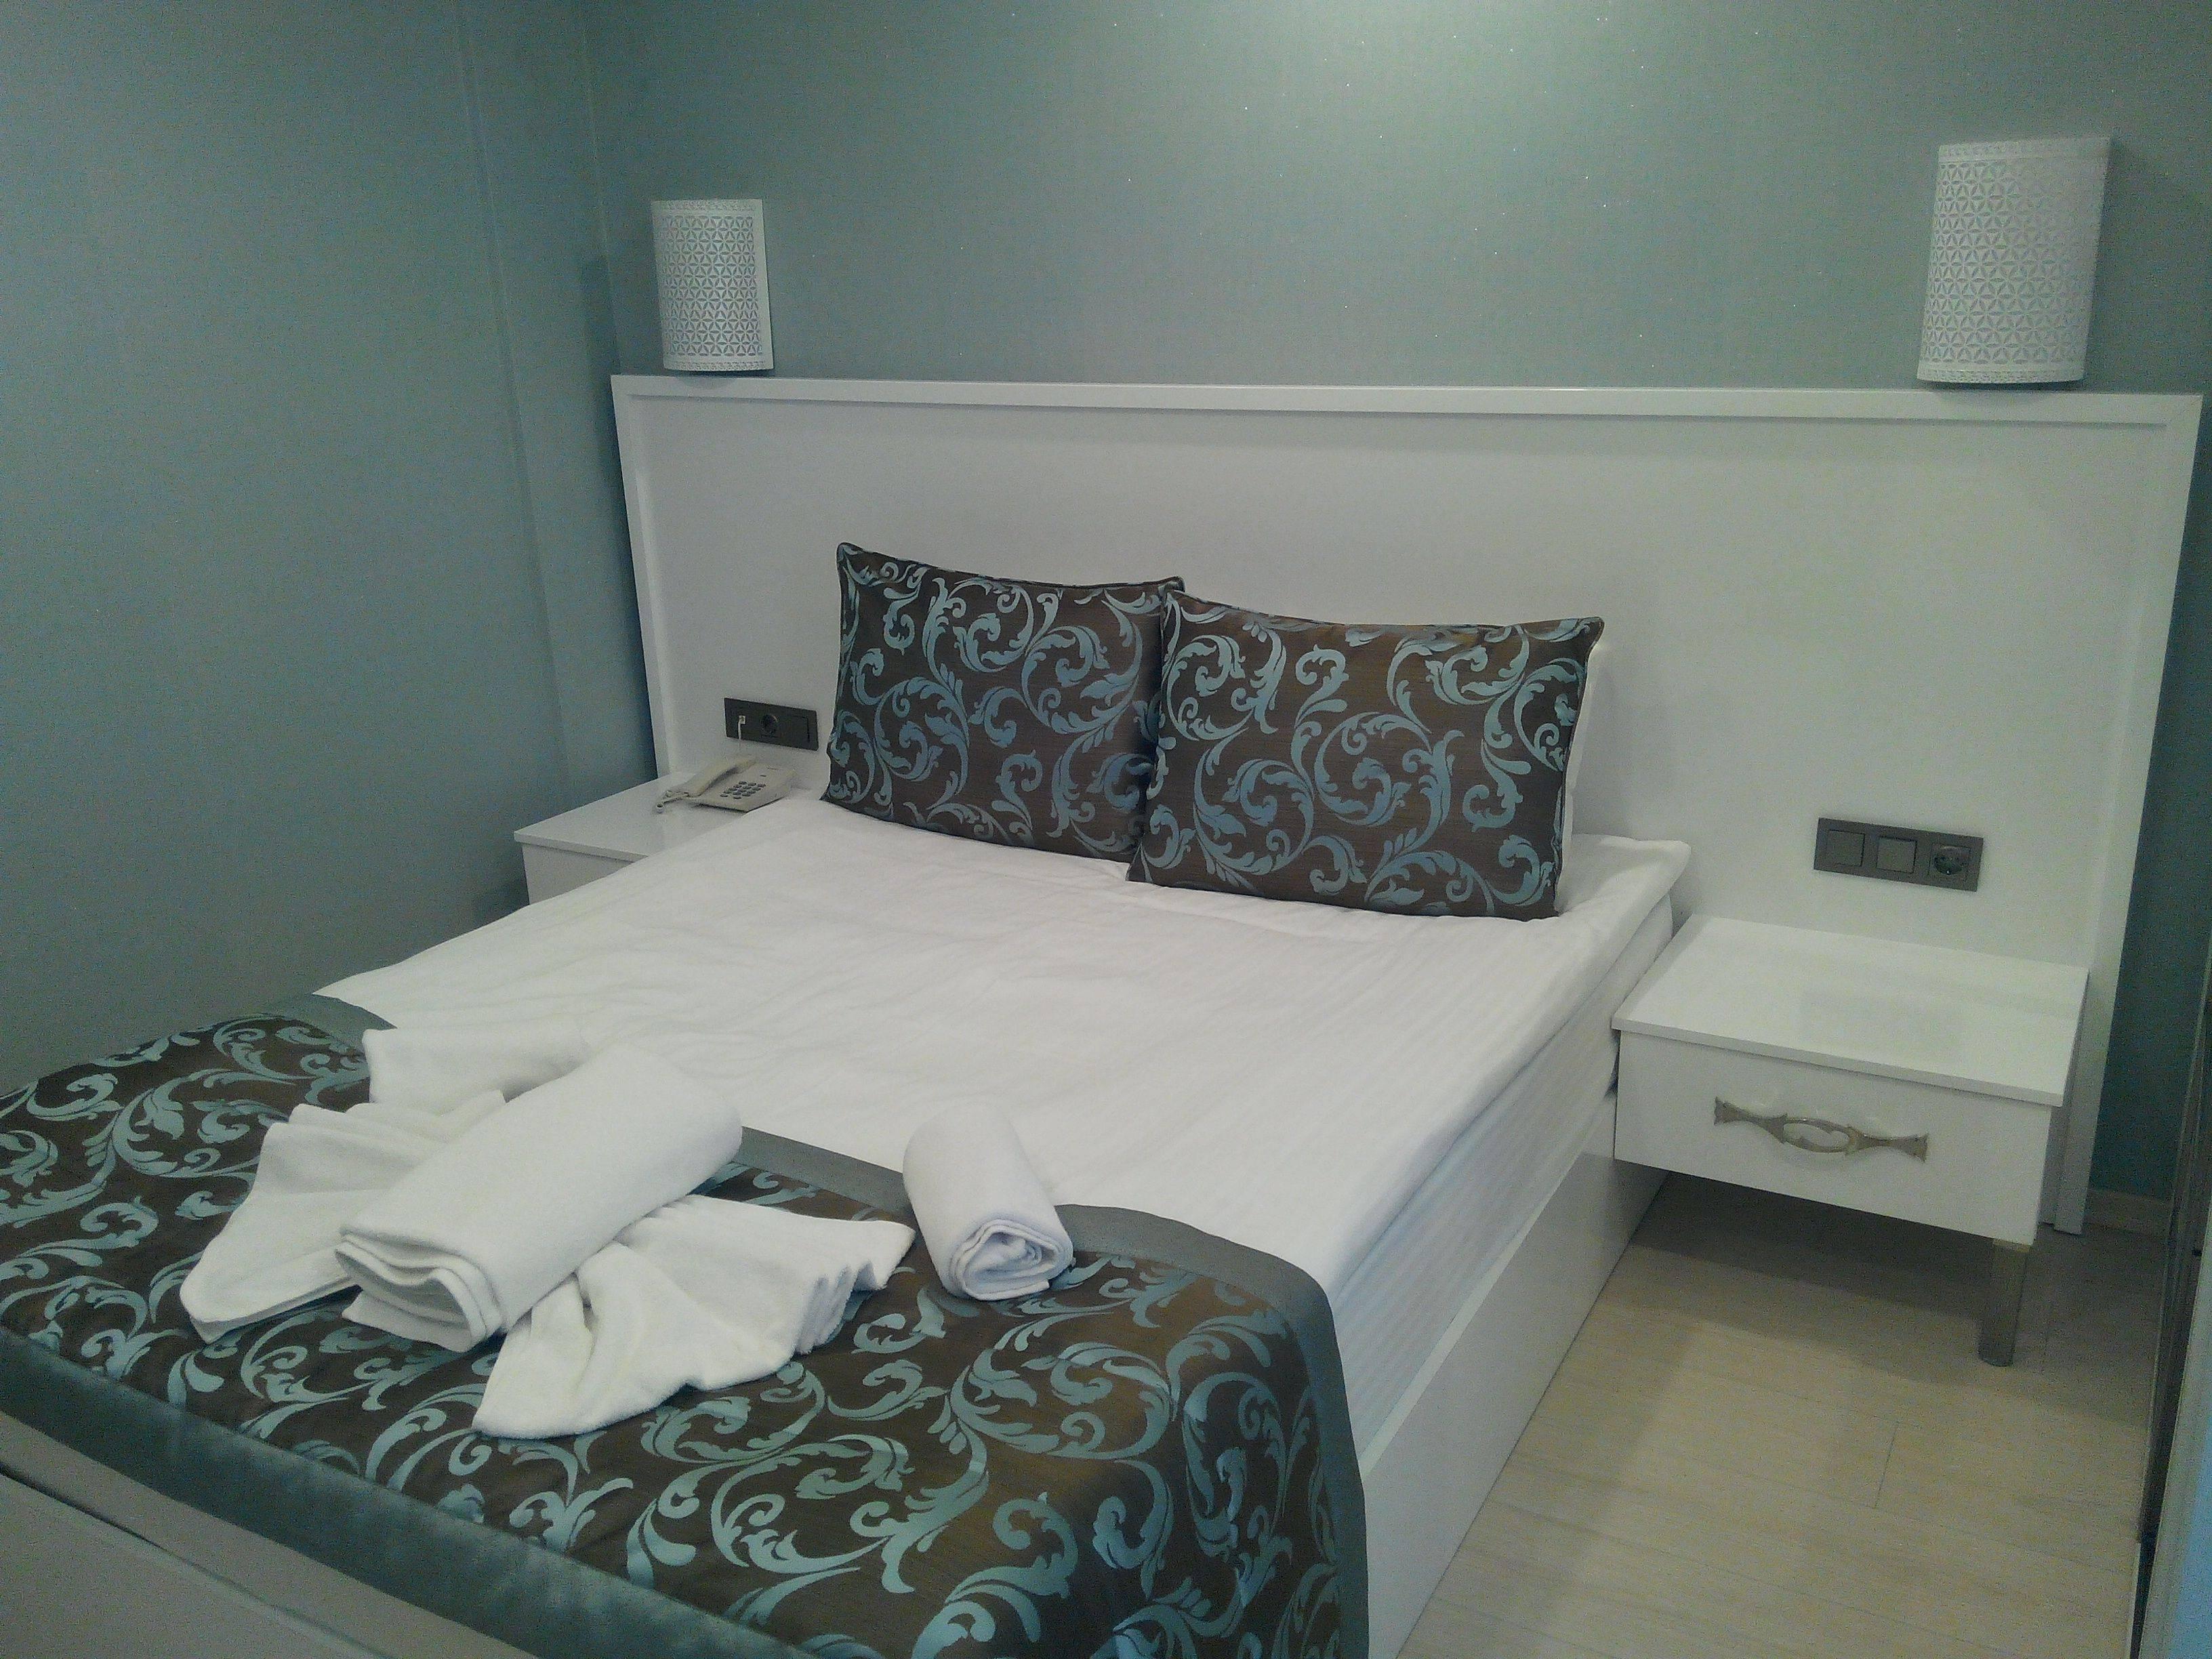 Beyaz Saray Otel, Kırıkkale, Kırıkkale Merkez, 24457